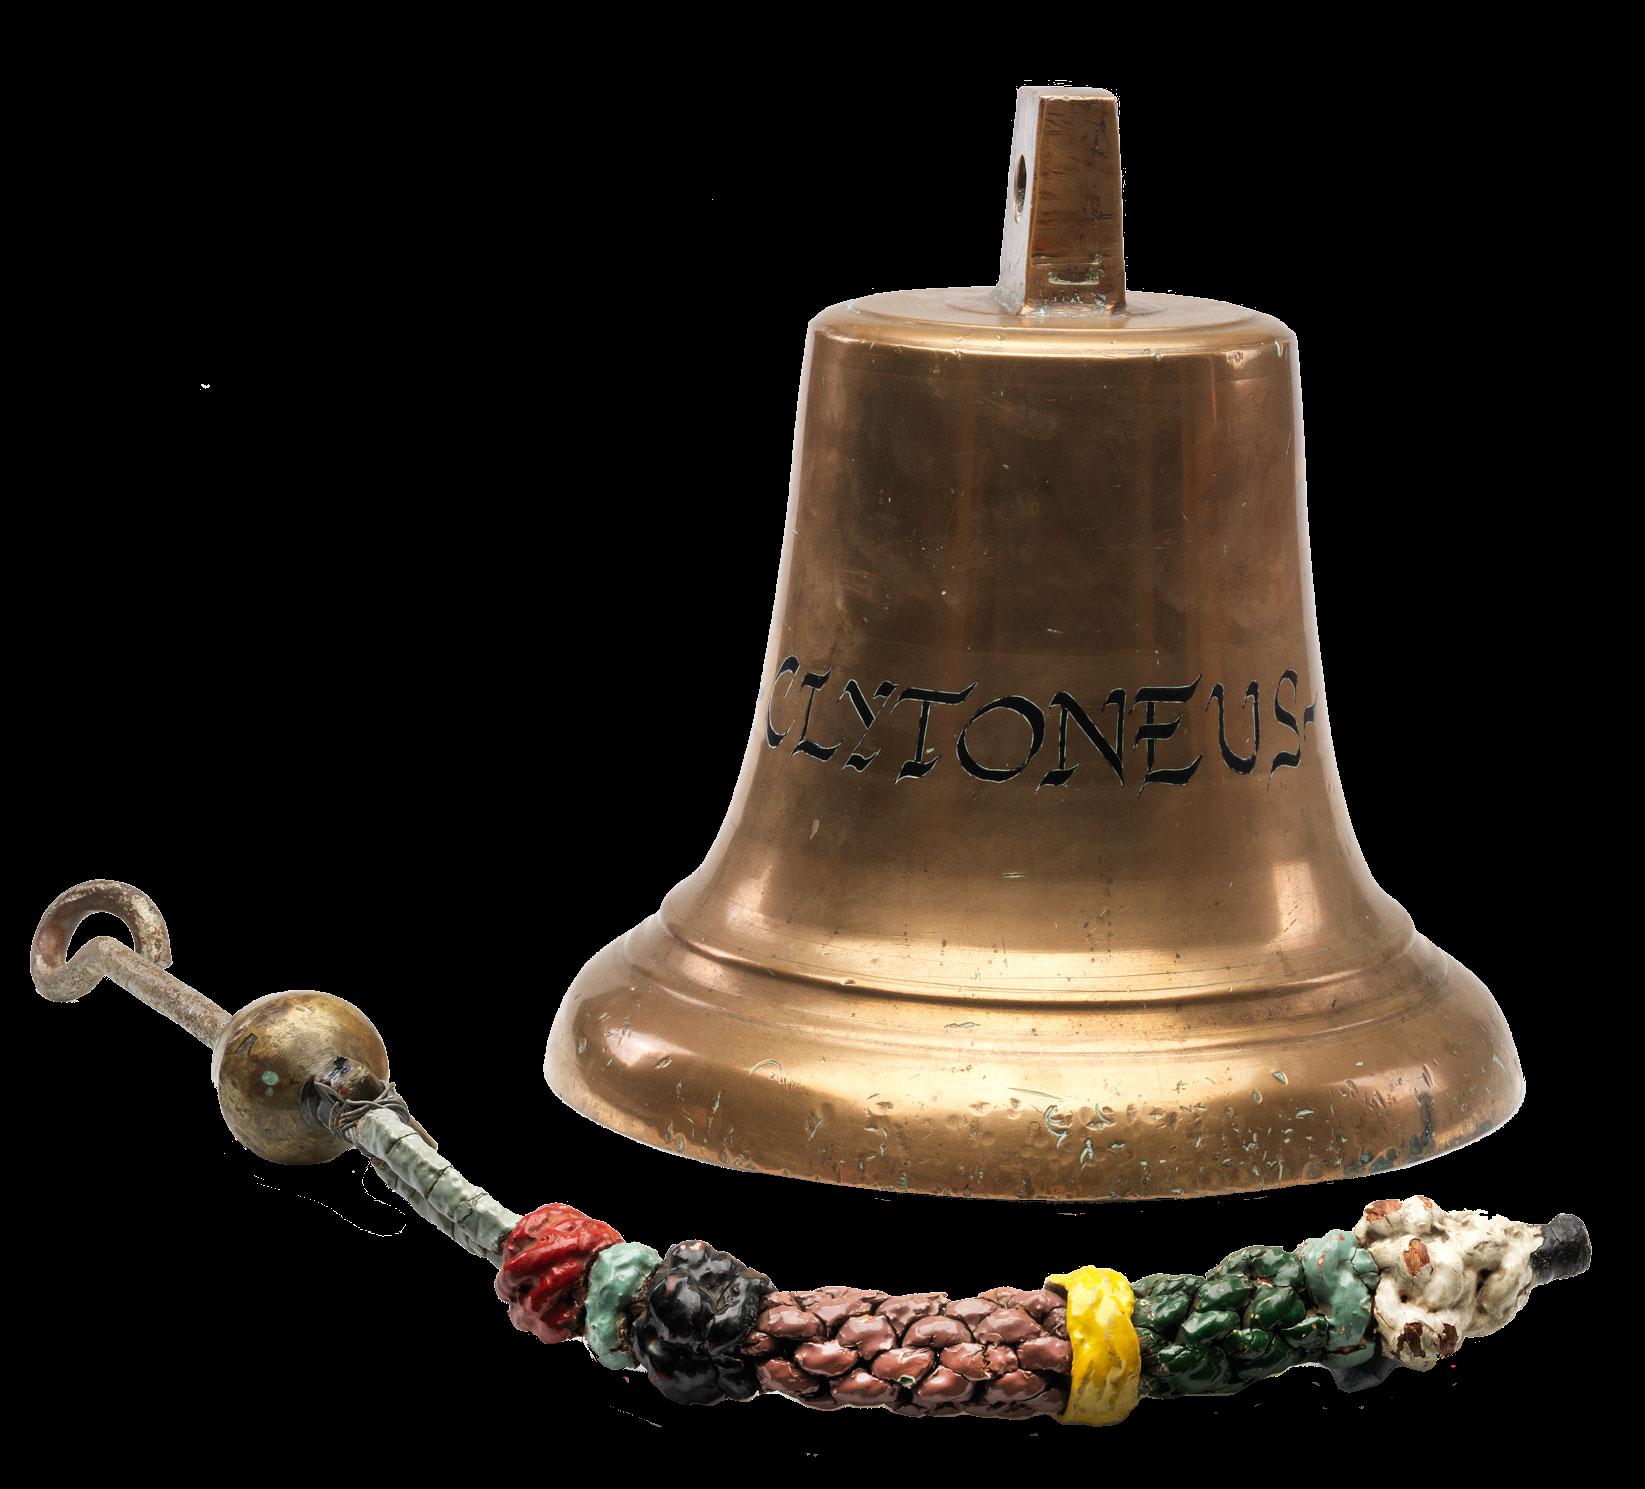 Bell from the pilgrim ship Clytoneus